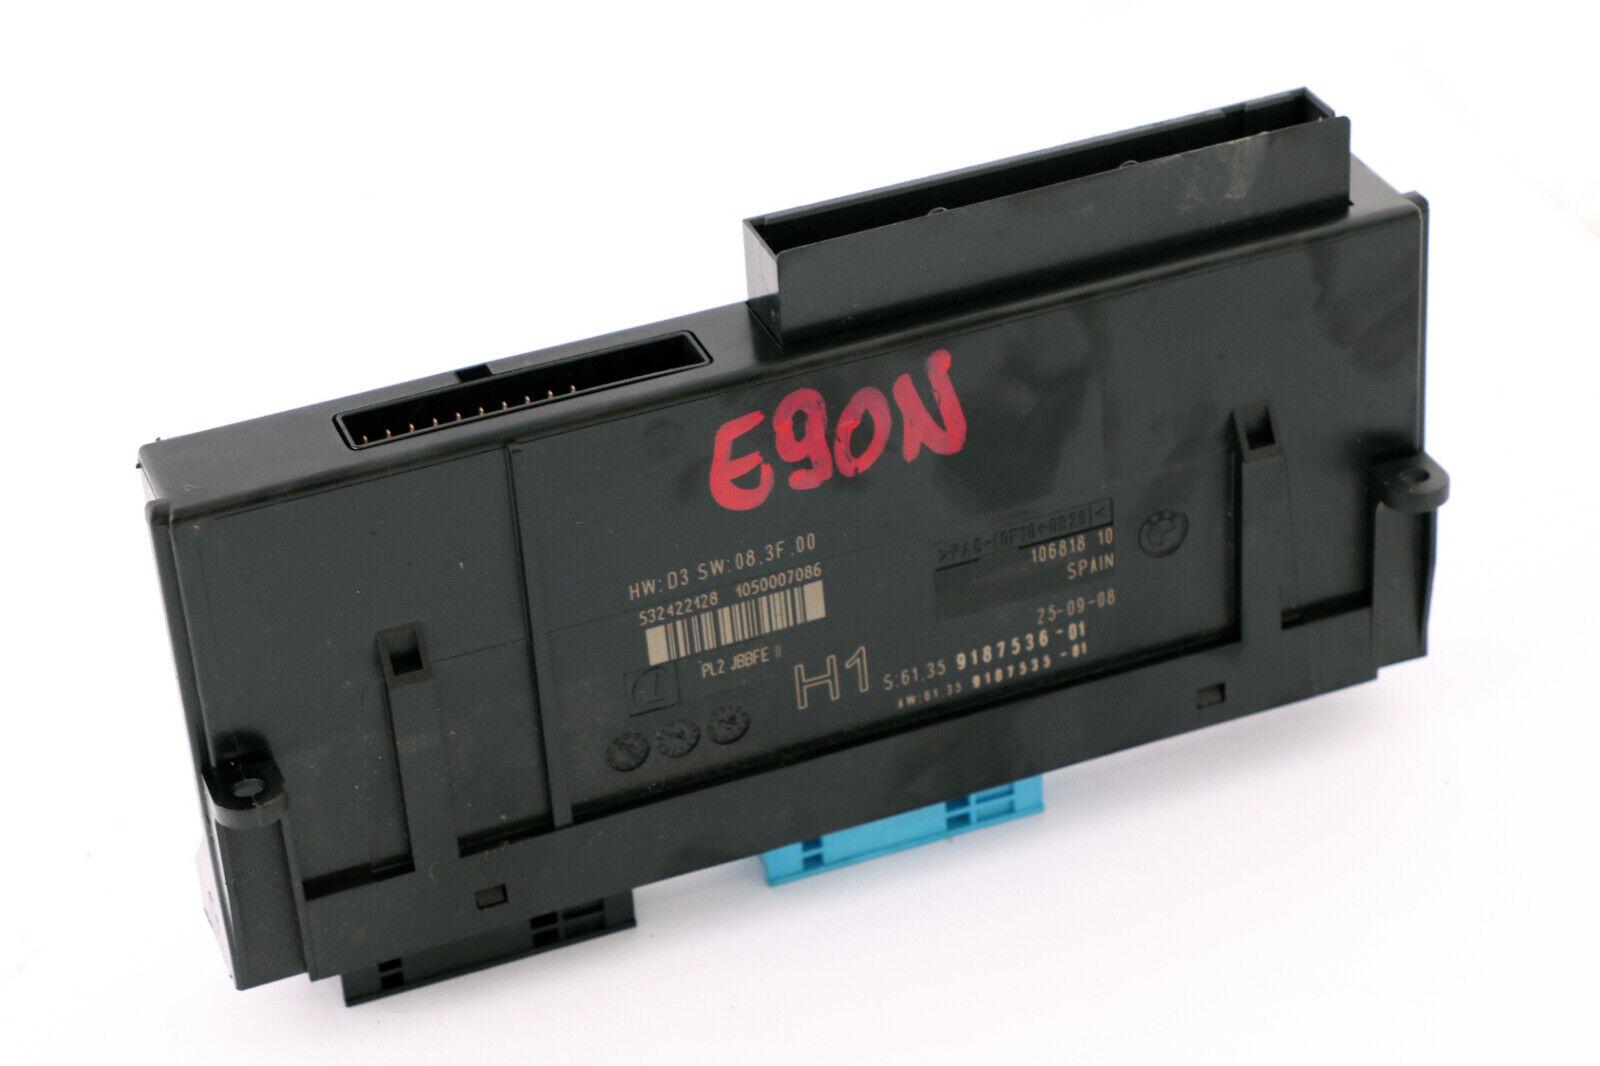 BMW 1 Series E87 LCI ECU Body Control Module Unit 61359226331 9226331